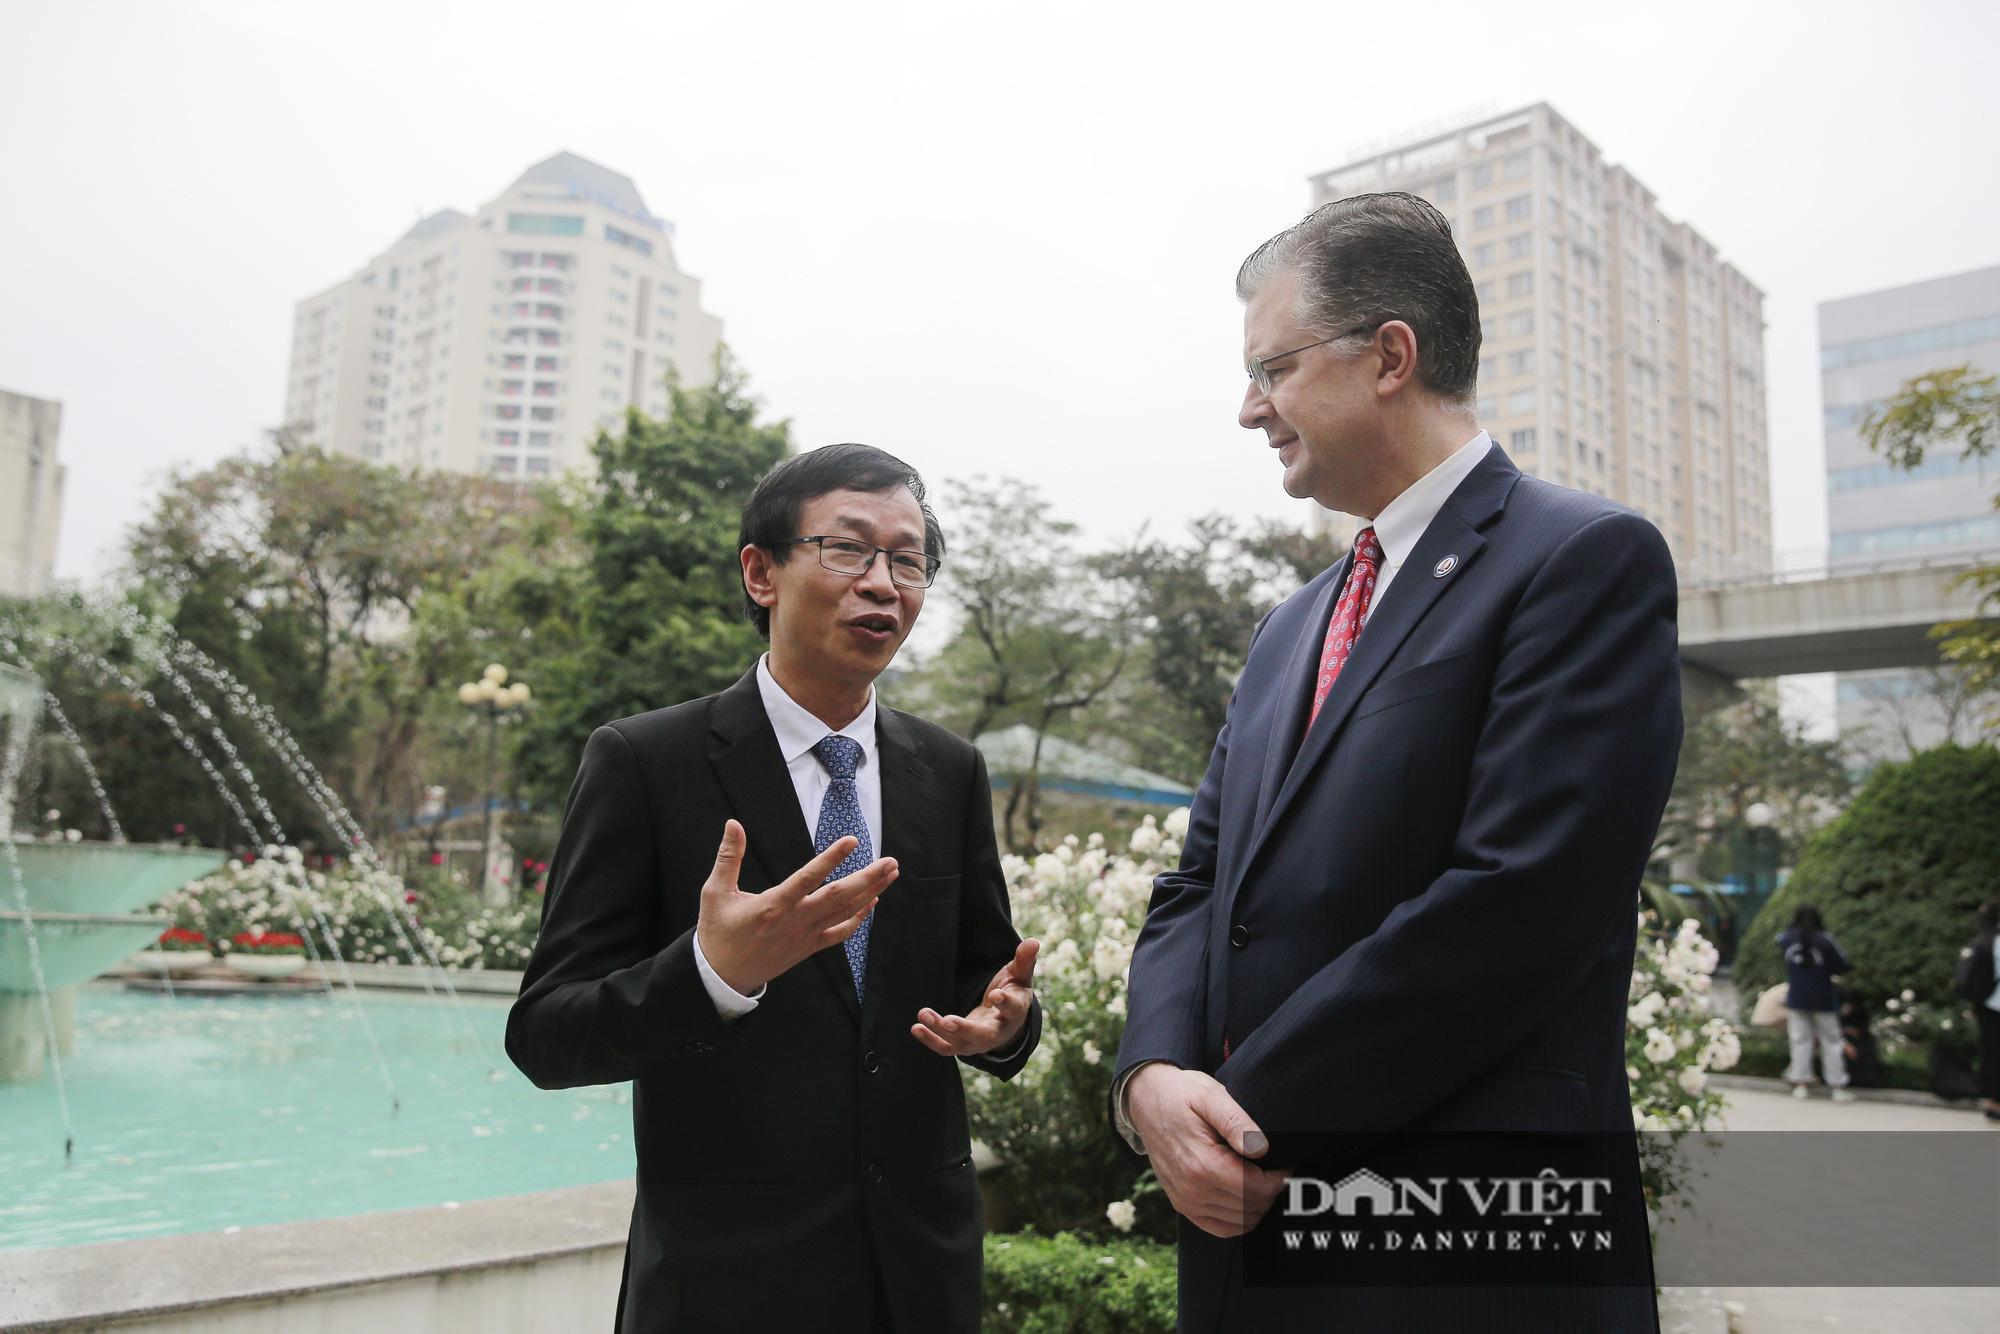 """Đại sứ Hoa Kỳ trao tặng cây đào đặc biệt tại nơi đào tạo ra những """"người lái đò"""" - Ảnh 9."""